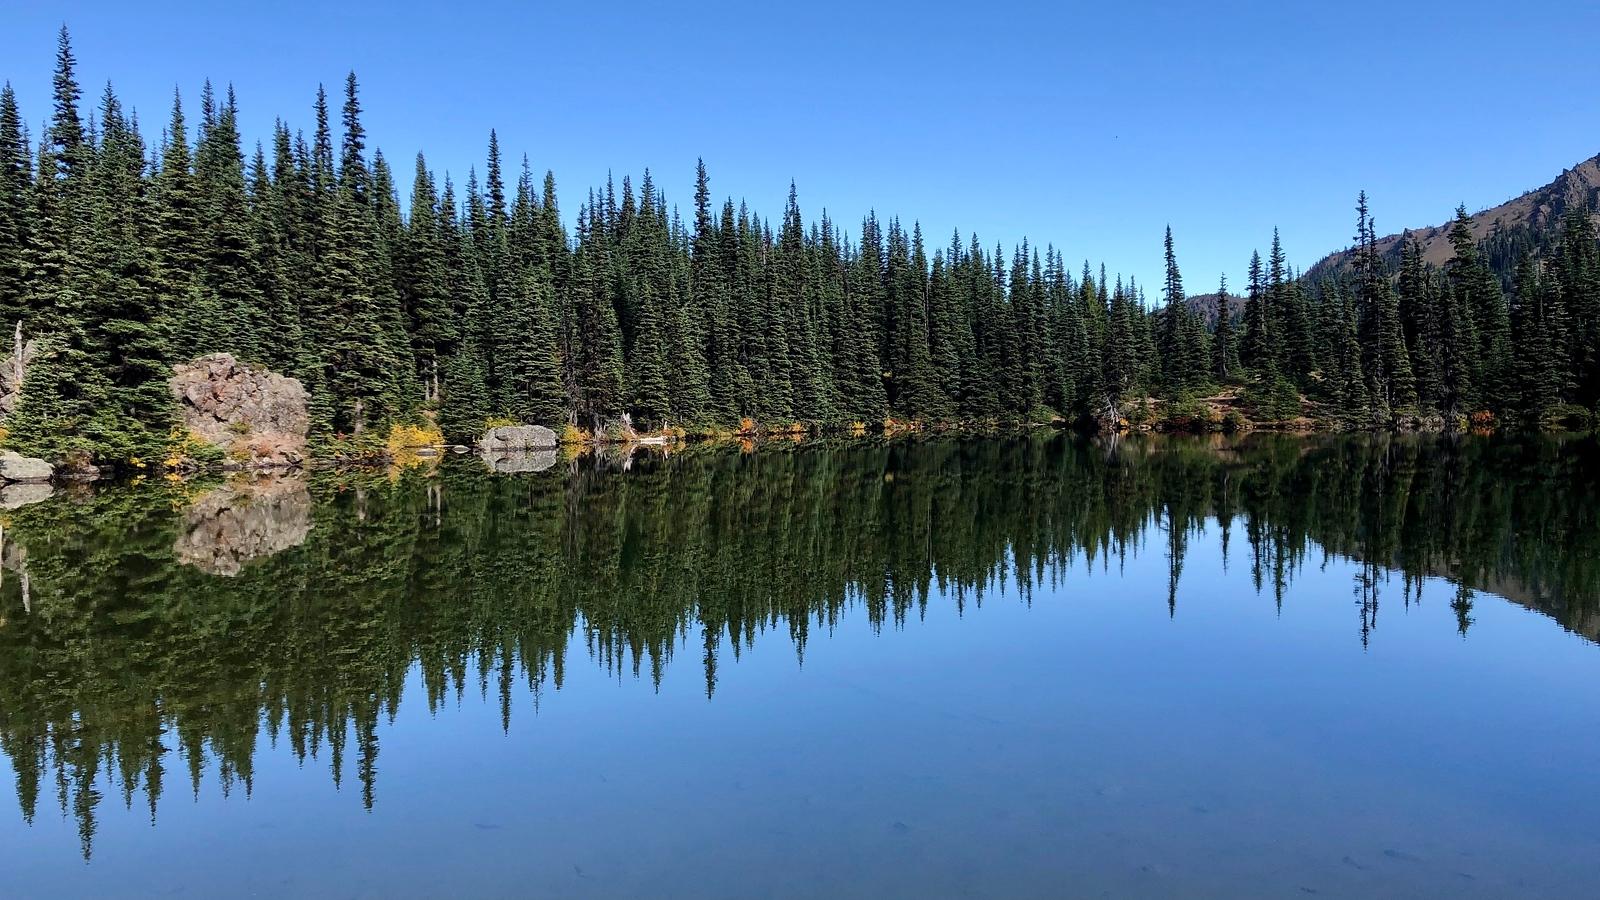 Silver Lake reflecting trees